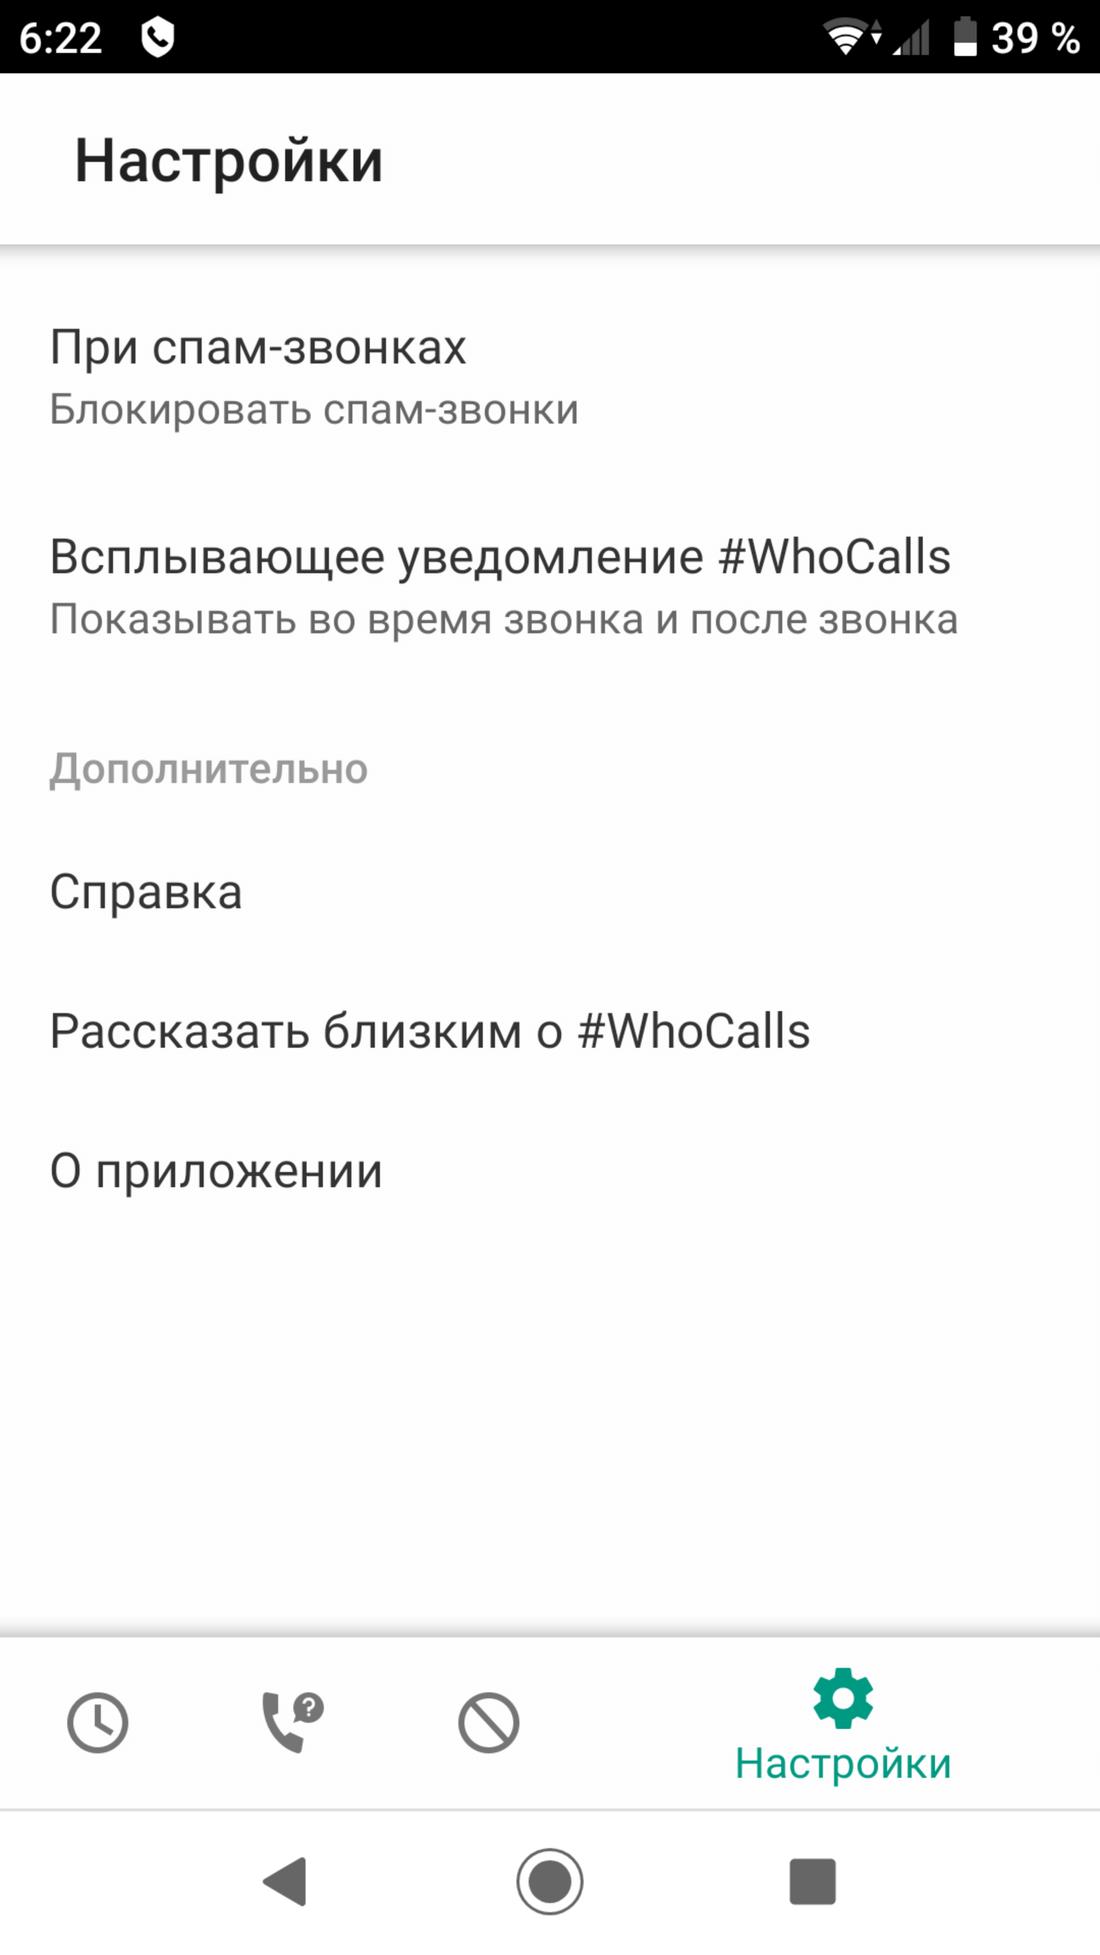 Скриншoт #4 из прoгрaммы Kaspersky Who Calls: Определитель нoмерa